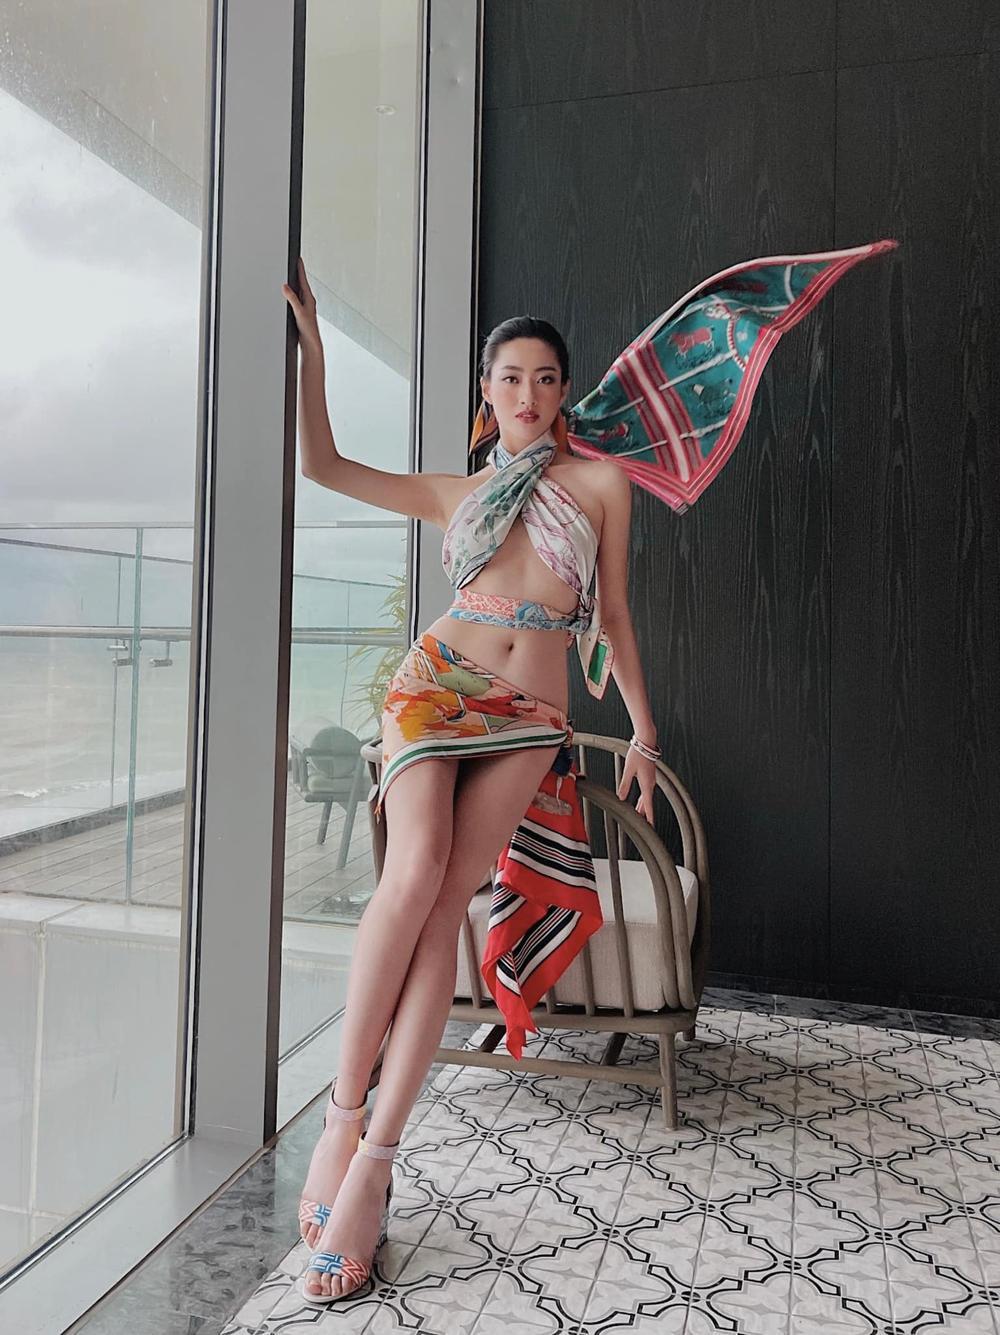 Hoa hậu Lương Thùy Linh lấy khăn lụa quấn làm váy cắt xẻ đầy táo bạo khoe body cực phẩm Ảnh 3